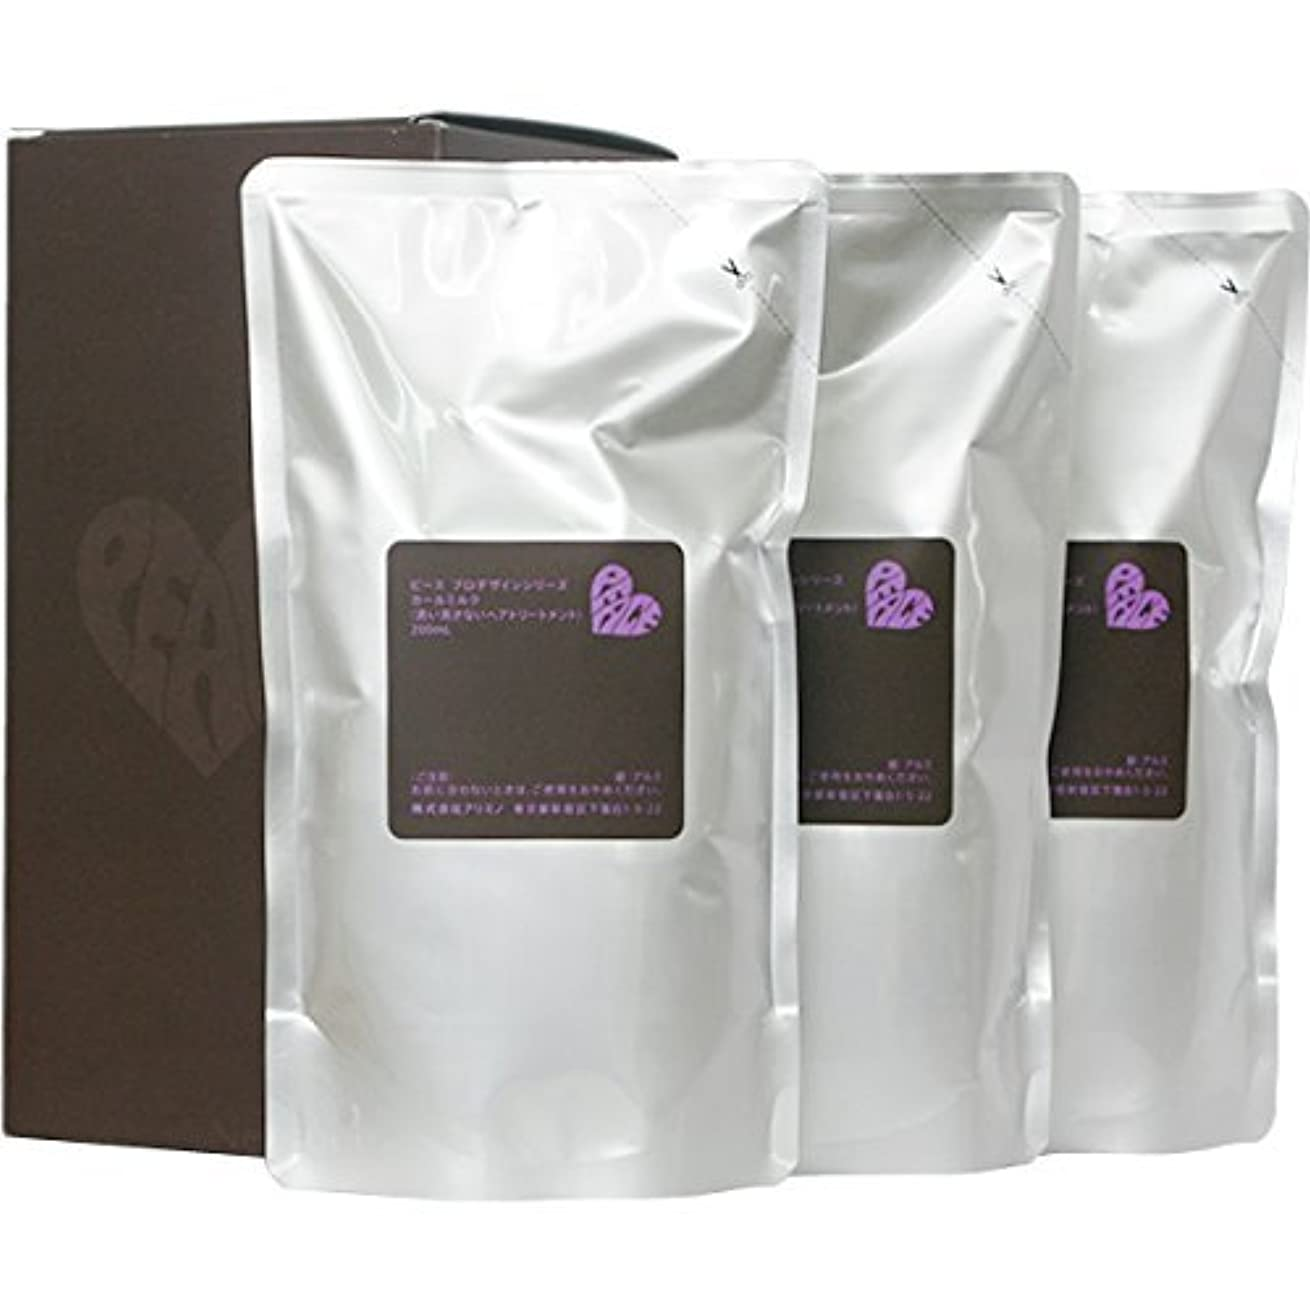 ジレンマ洞察力拒否ピース プロデザインシリーズ カールミルク チョコ リフィル 200ml×3